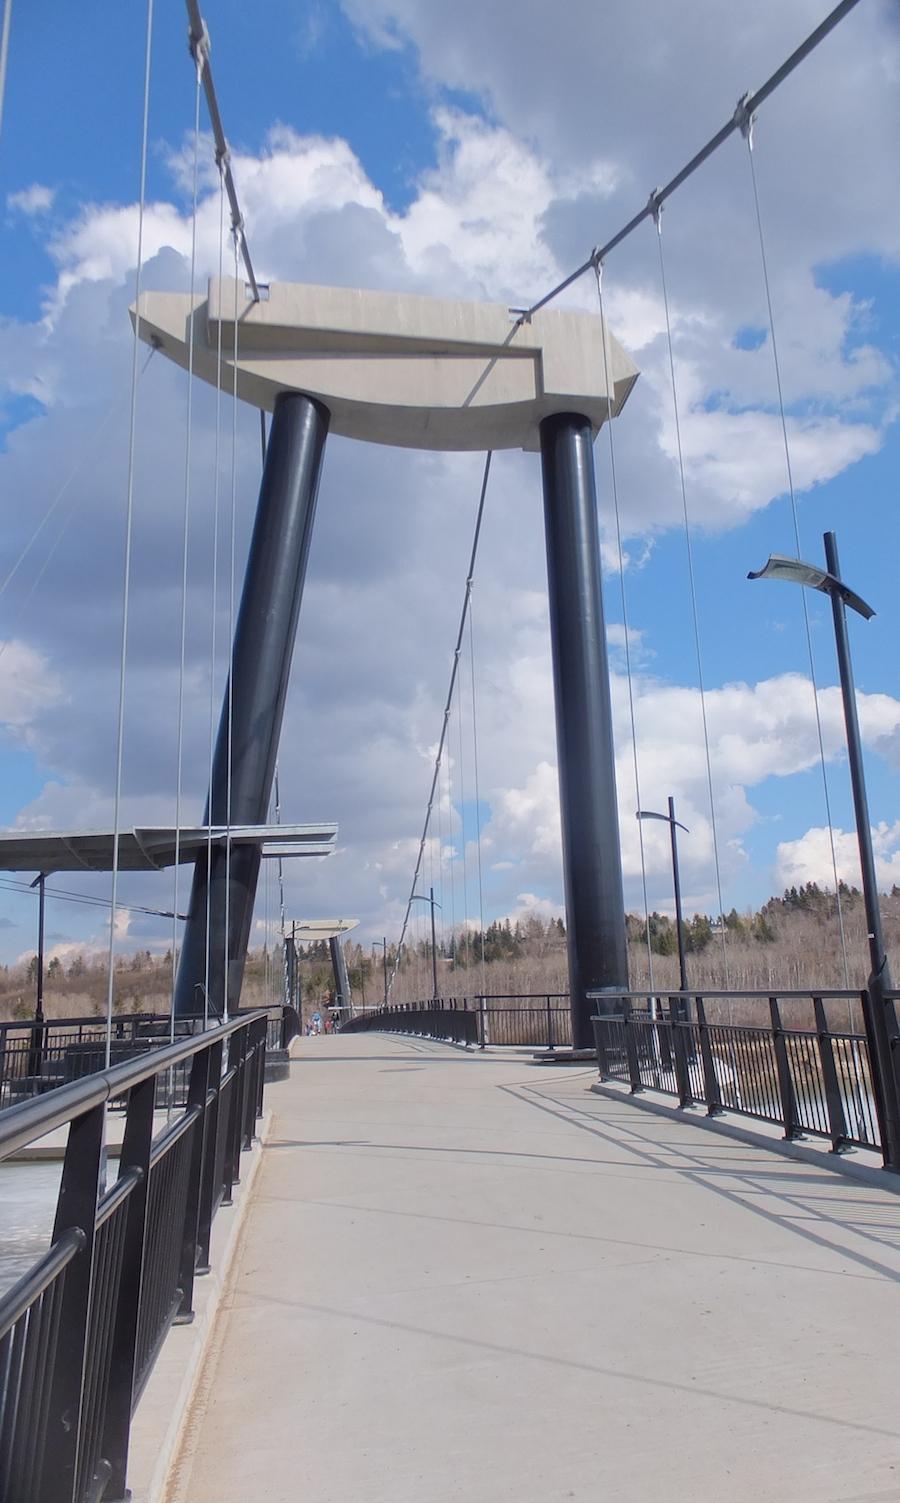 Footbridge up close